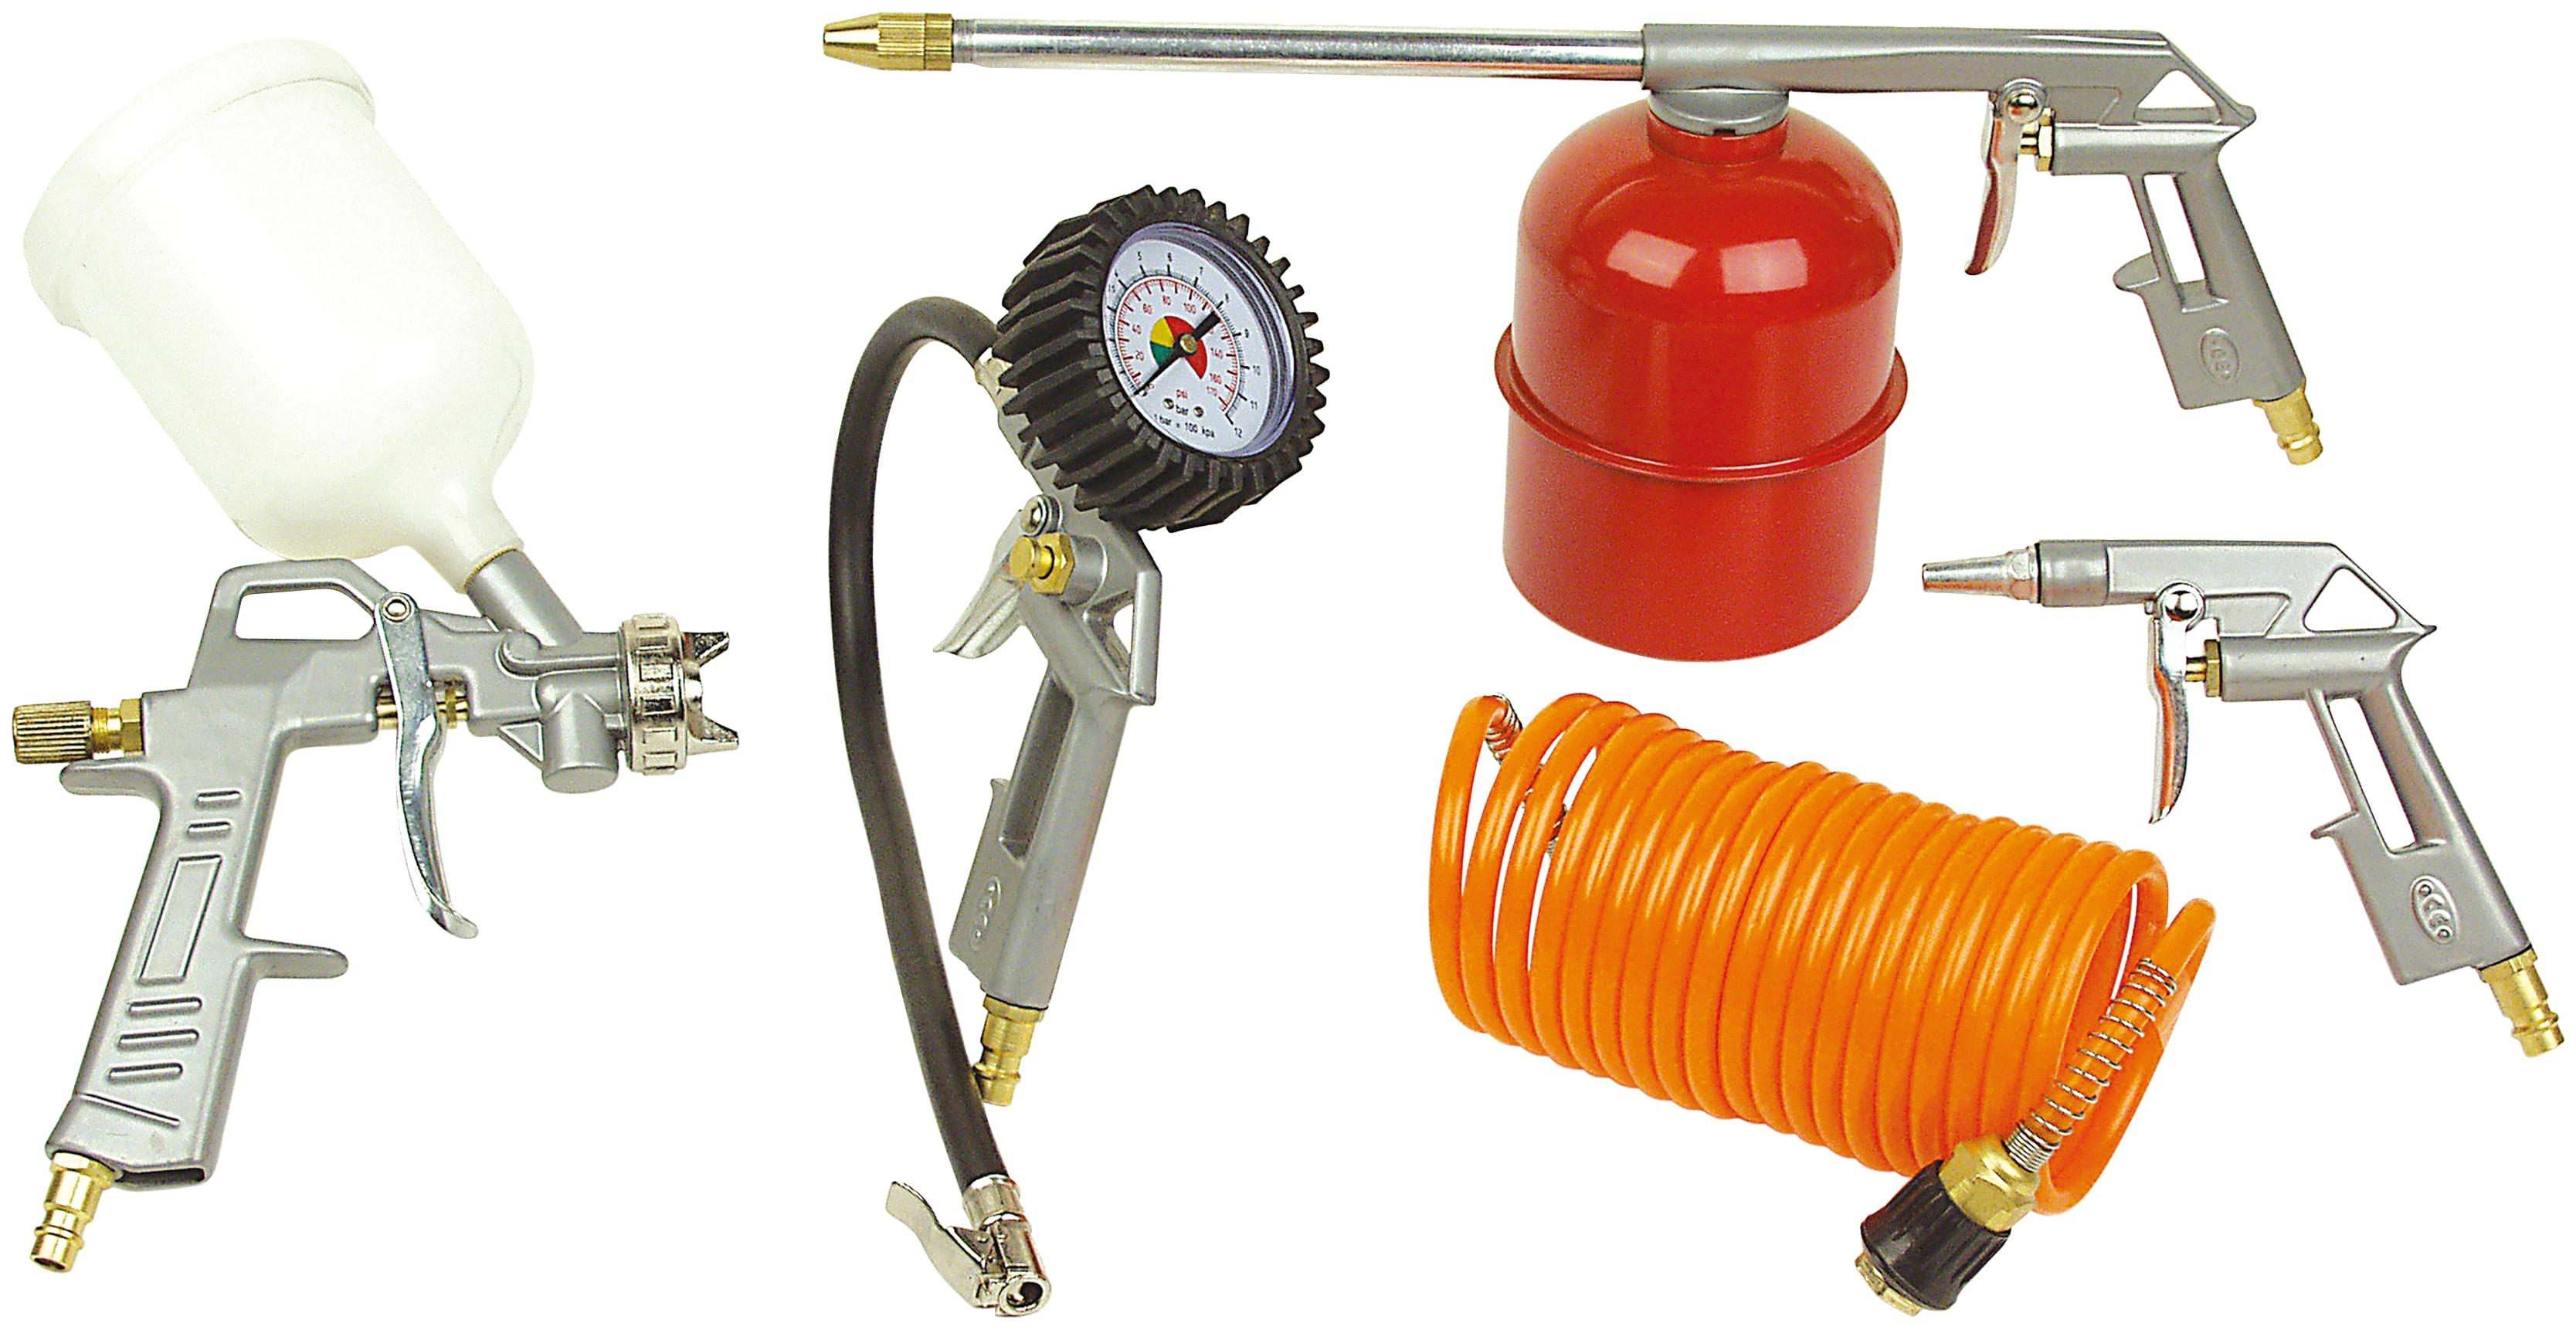 BRUEDER MANNESMANN WERKZEUGE Druckluft-Set, 5-tlg. | Baumarkt > Werkzeug > Werkzeug-Sets | Rot | BRUEDER MANNESMANN WERKZEUGE